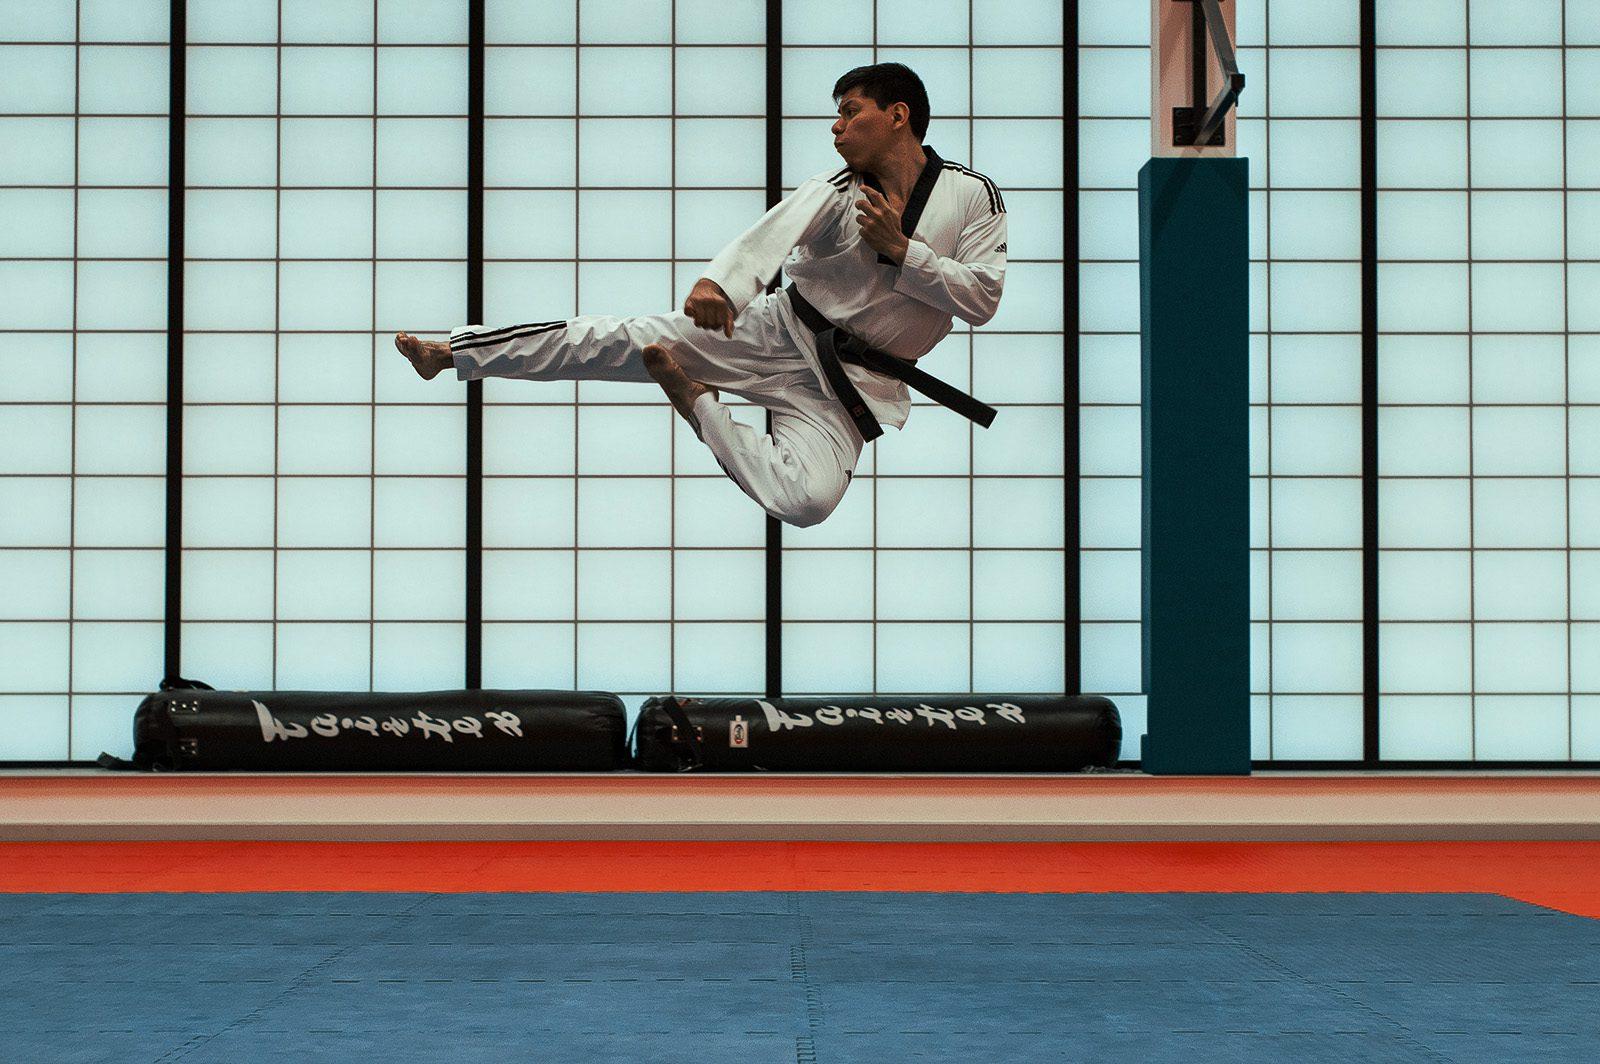 Kungfu_Guy